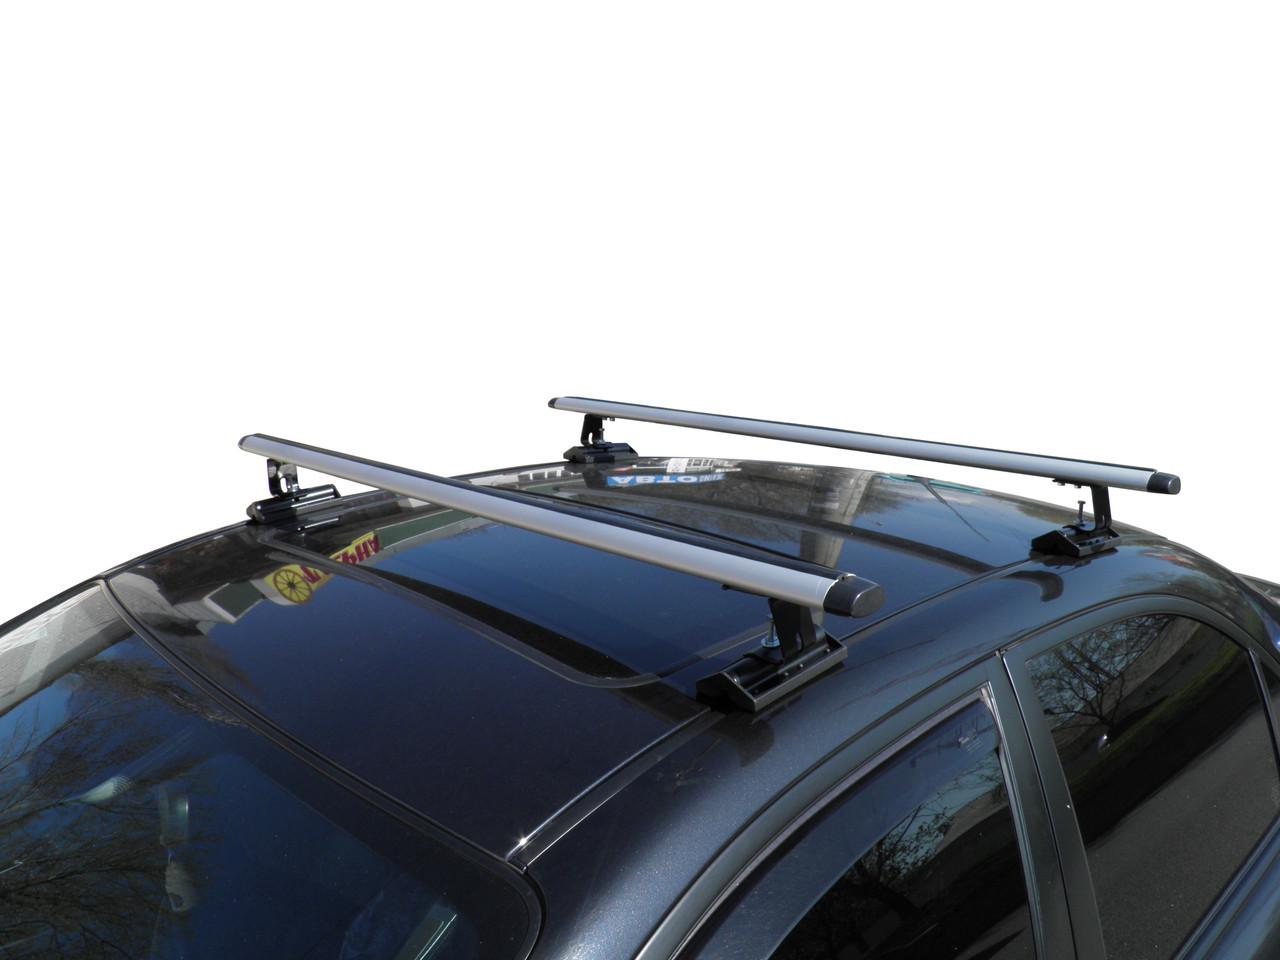 Кенгуру Комбі Аеро 120см - універсальний багажник на дах для авто зі штатними місцями